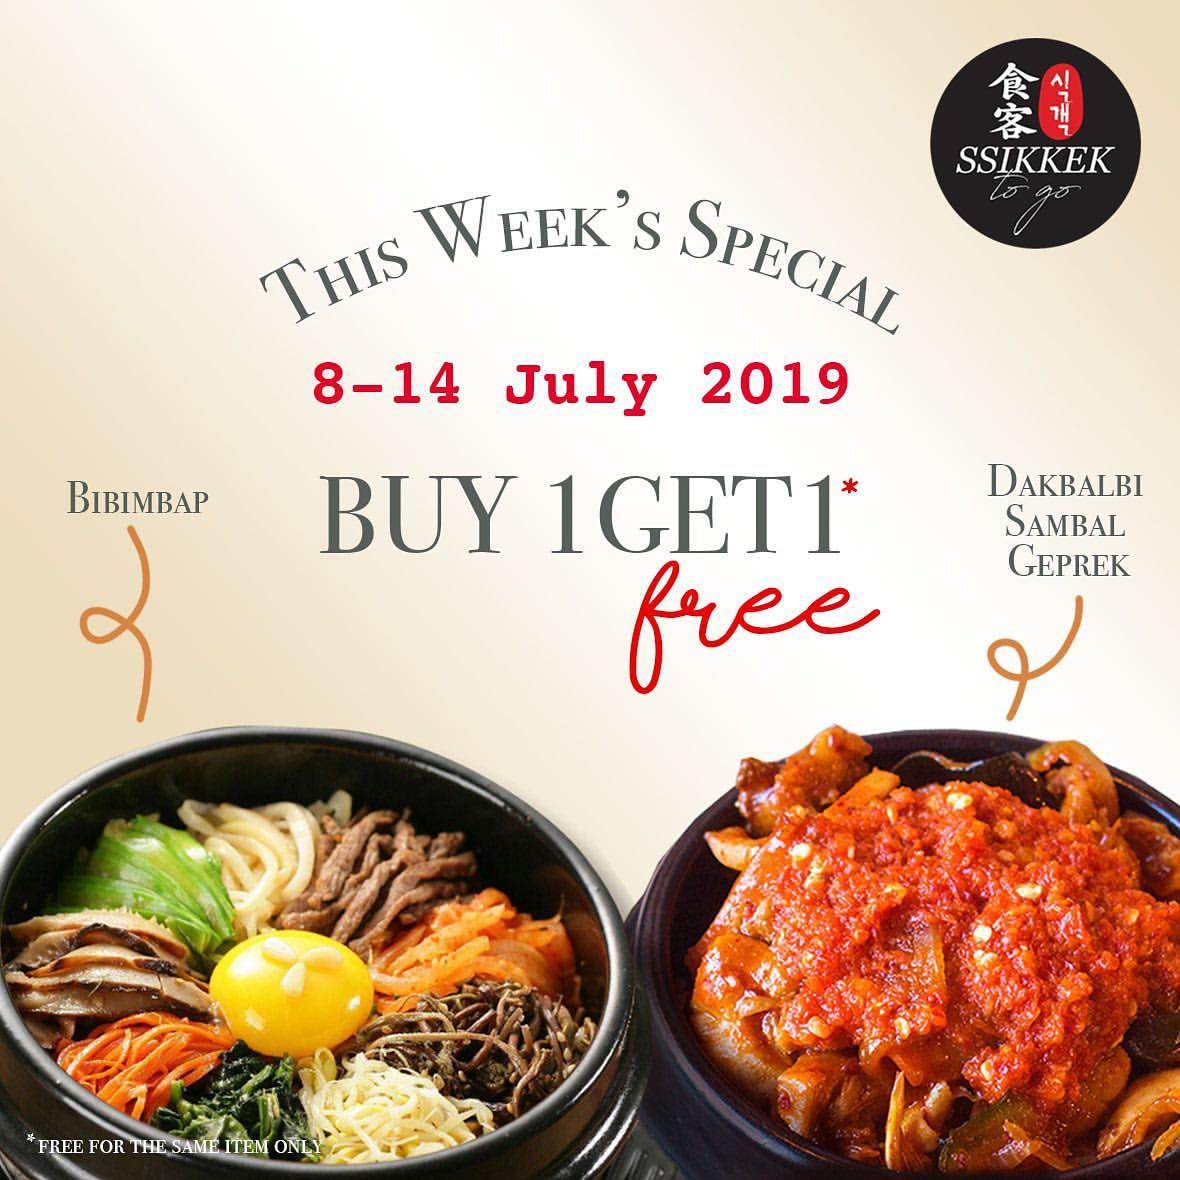 SSIKKEK Korean BBQ & SSIKKEK EXPRESS Promo Buy 1 Get 1 Free Dakgalbi Sambal Geprek & Bibimbap